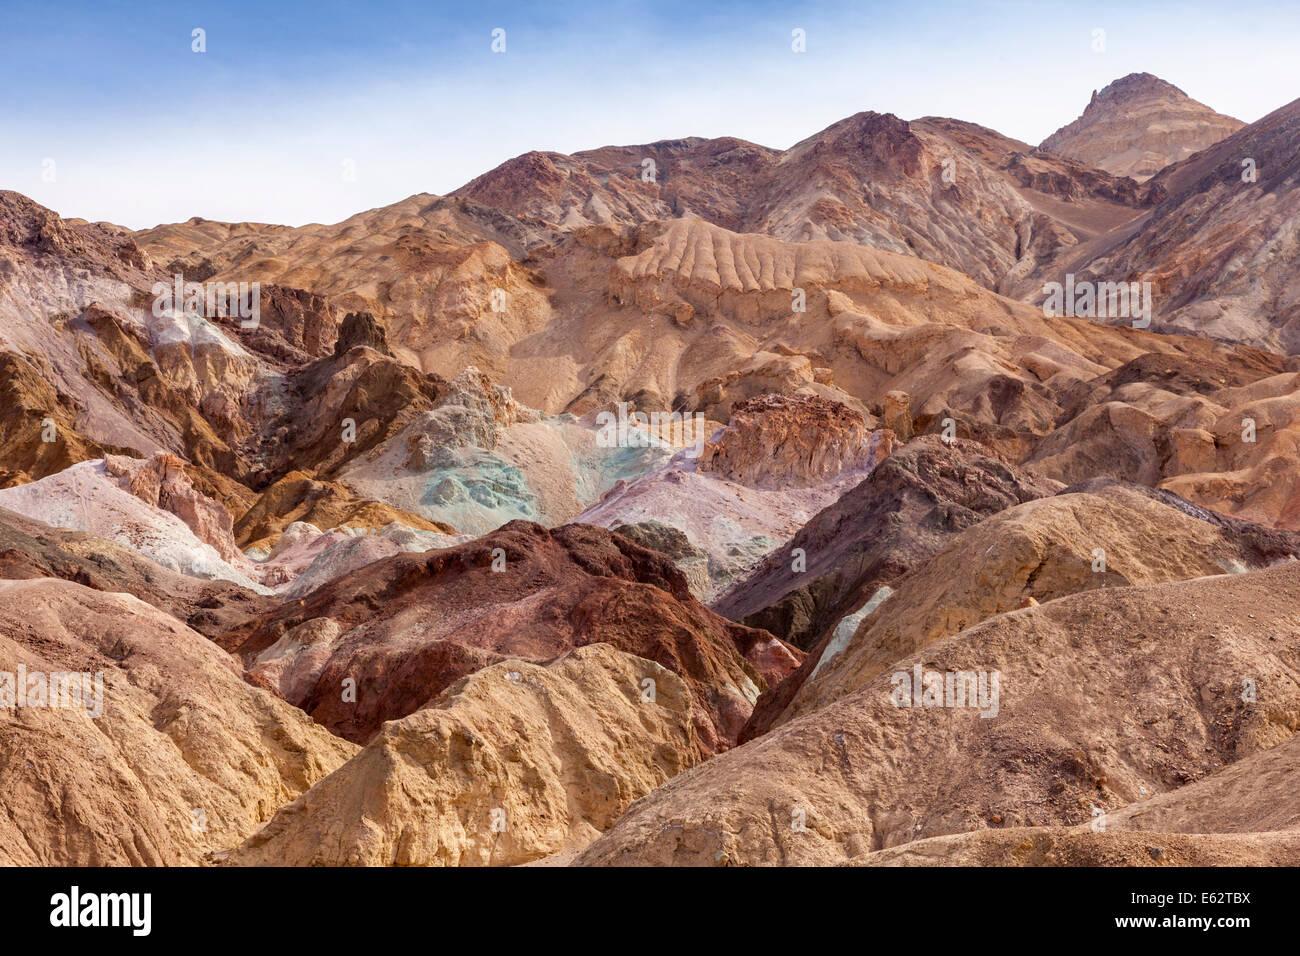 Coloridas rocas conocido como la paleta del artista, el Valle de la Muerte, California. Imagen De Stock